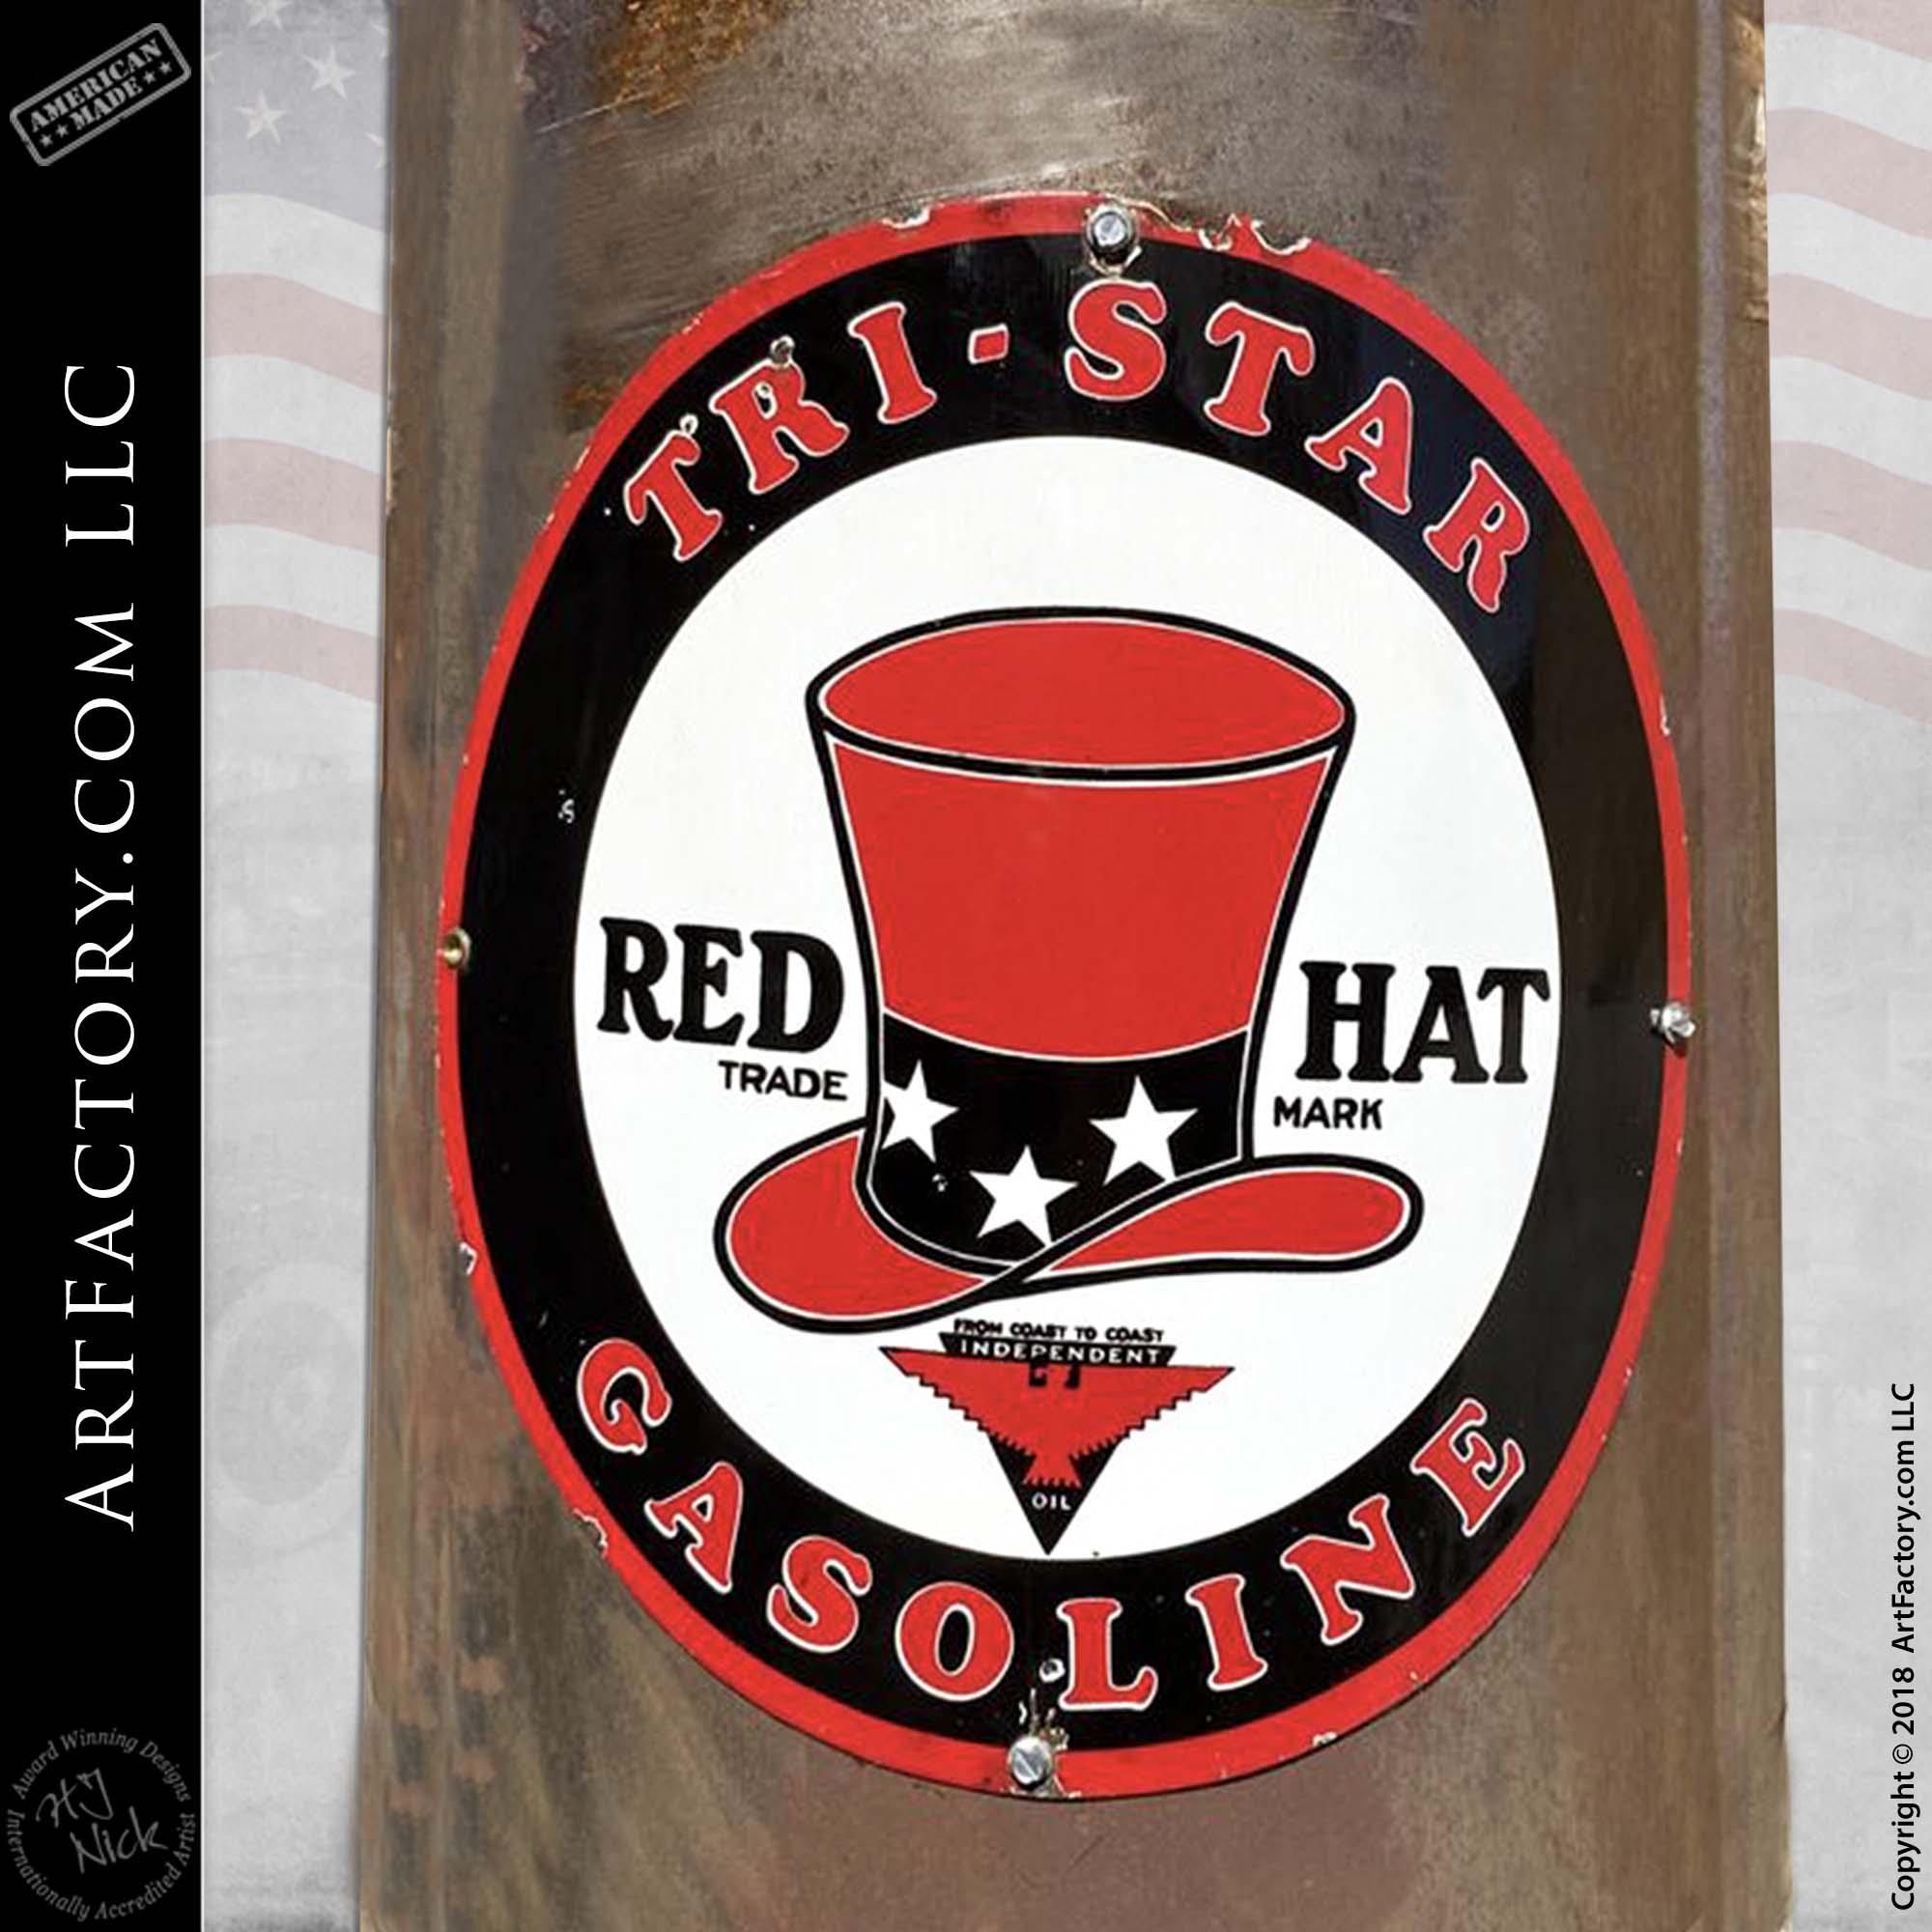 Vintage Butler Model 30 Visible Boneyard Gas Pump - Red Hat